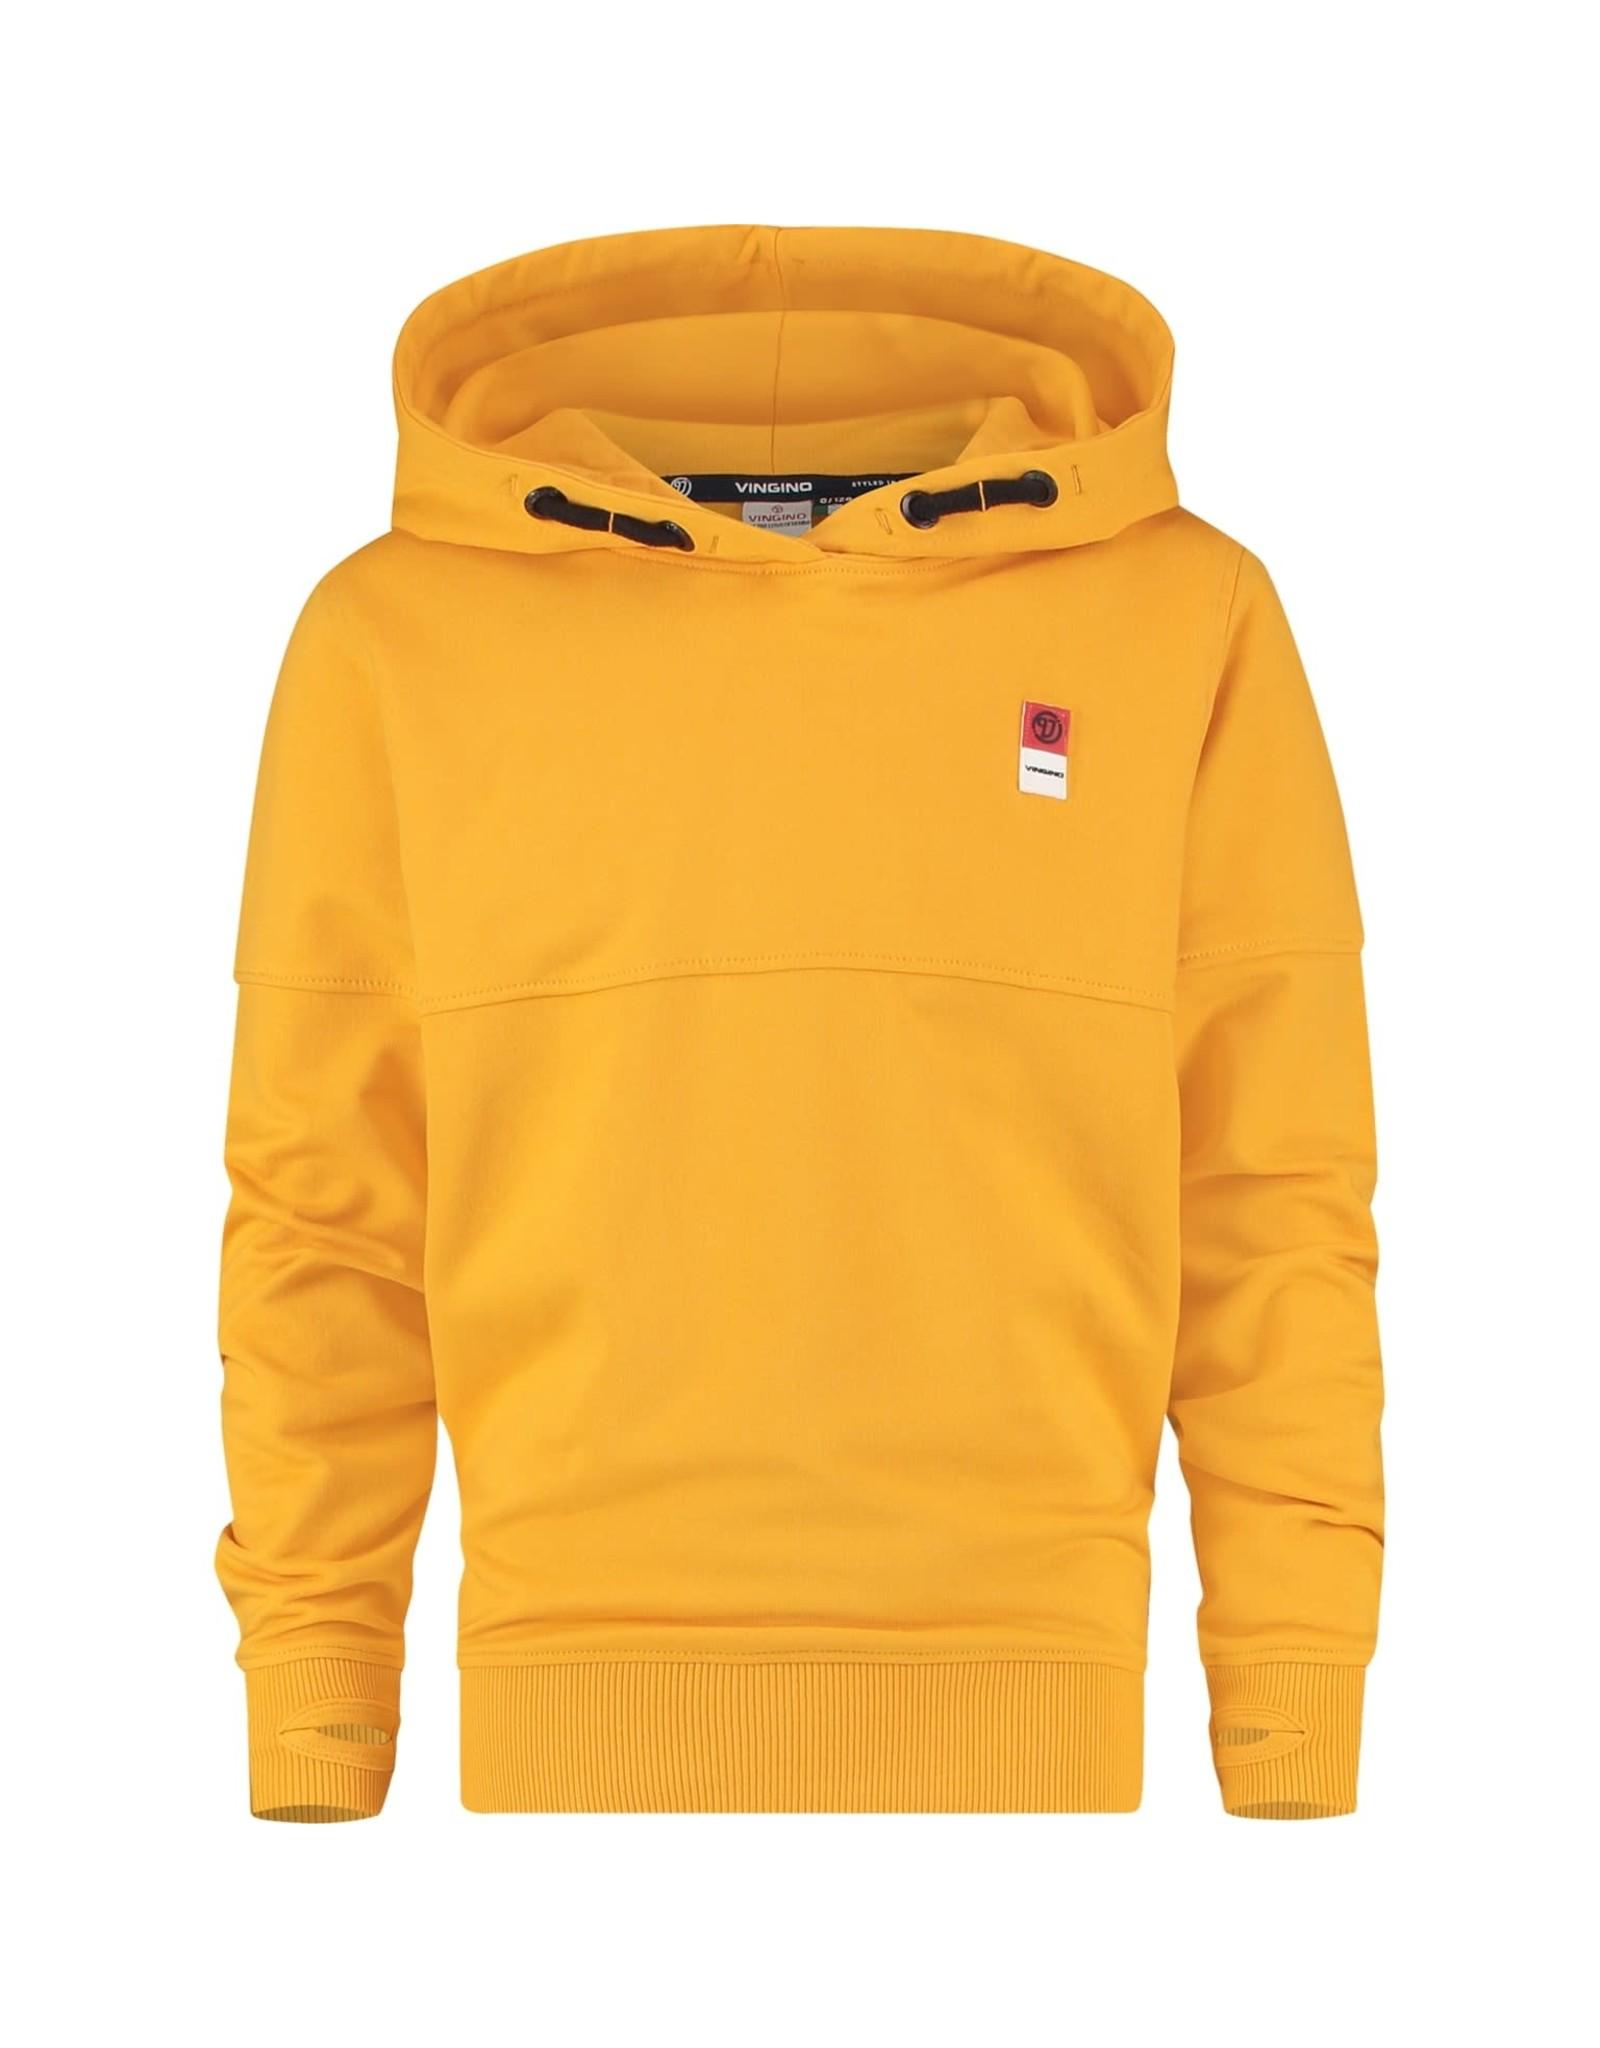 Vingino Vingino jongens hoodie organic cotton Gold Yellow